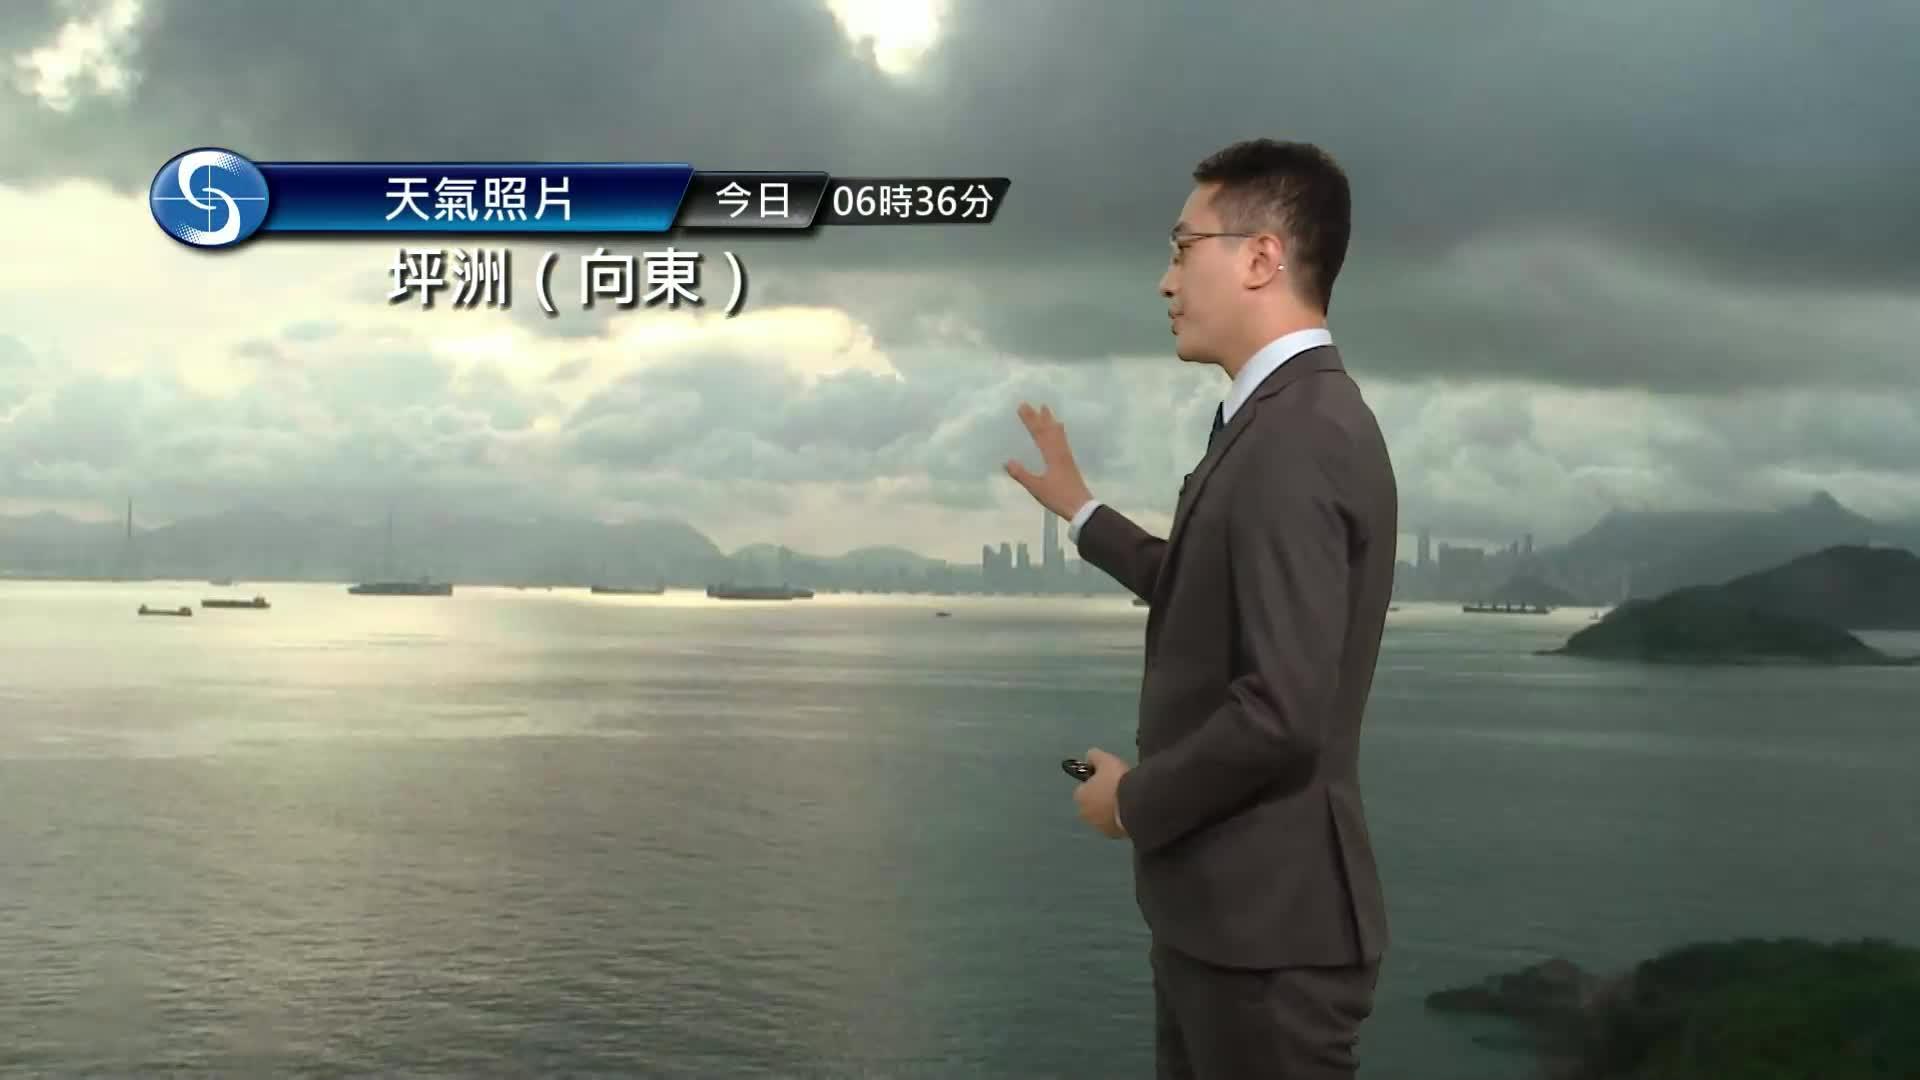 早晨天氣節目(05月17日上午8時) - 科學主任陳恩進